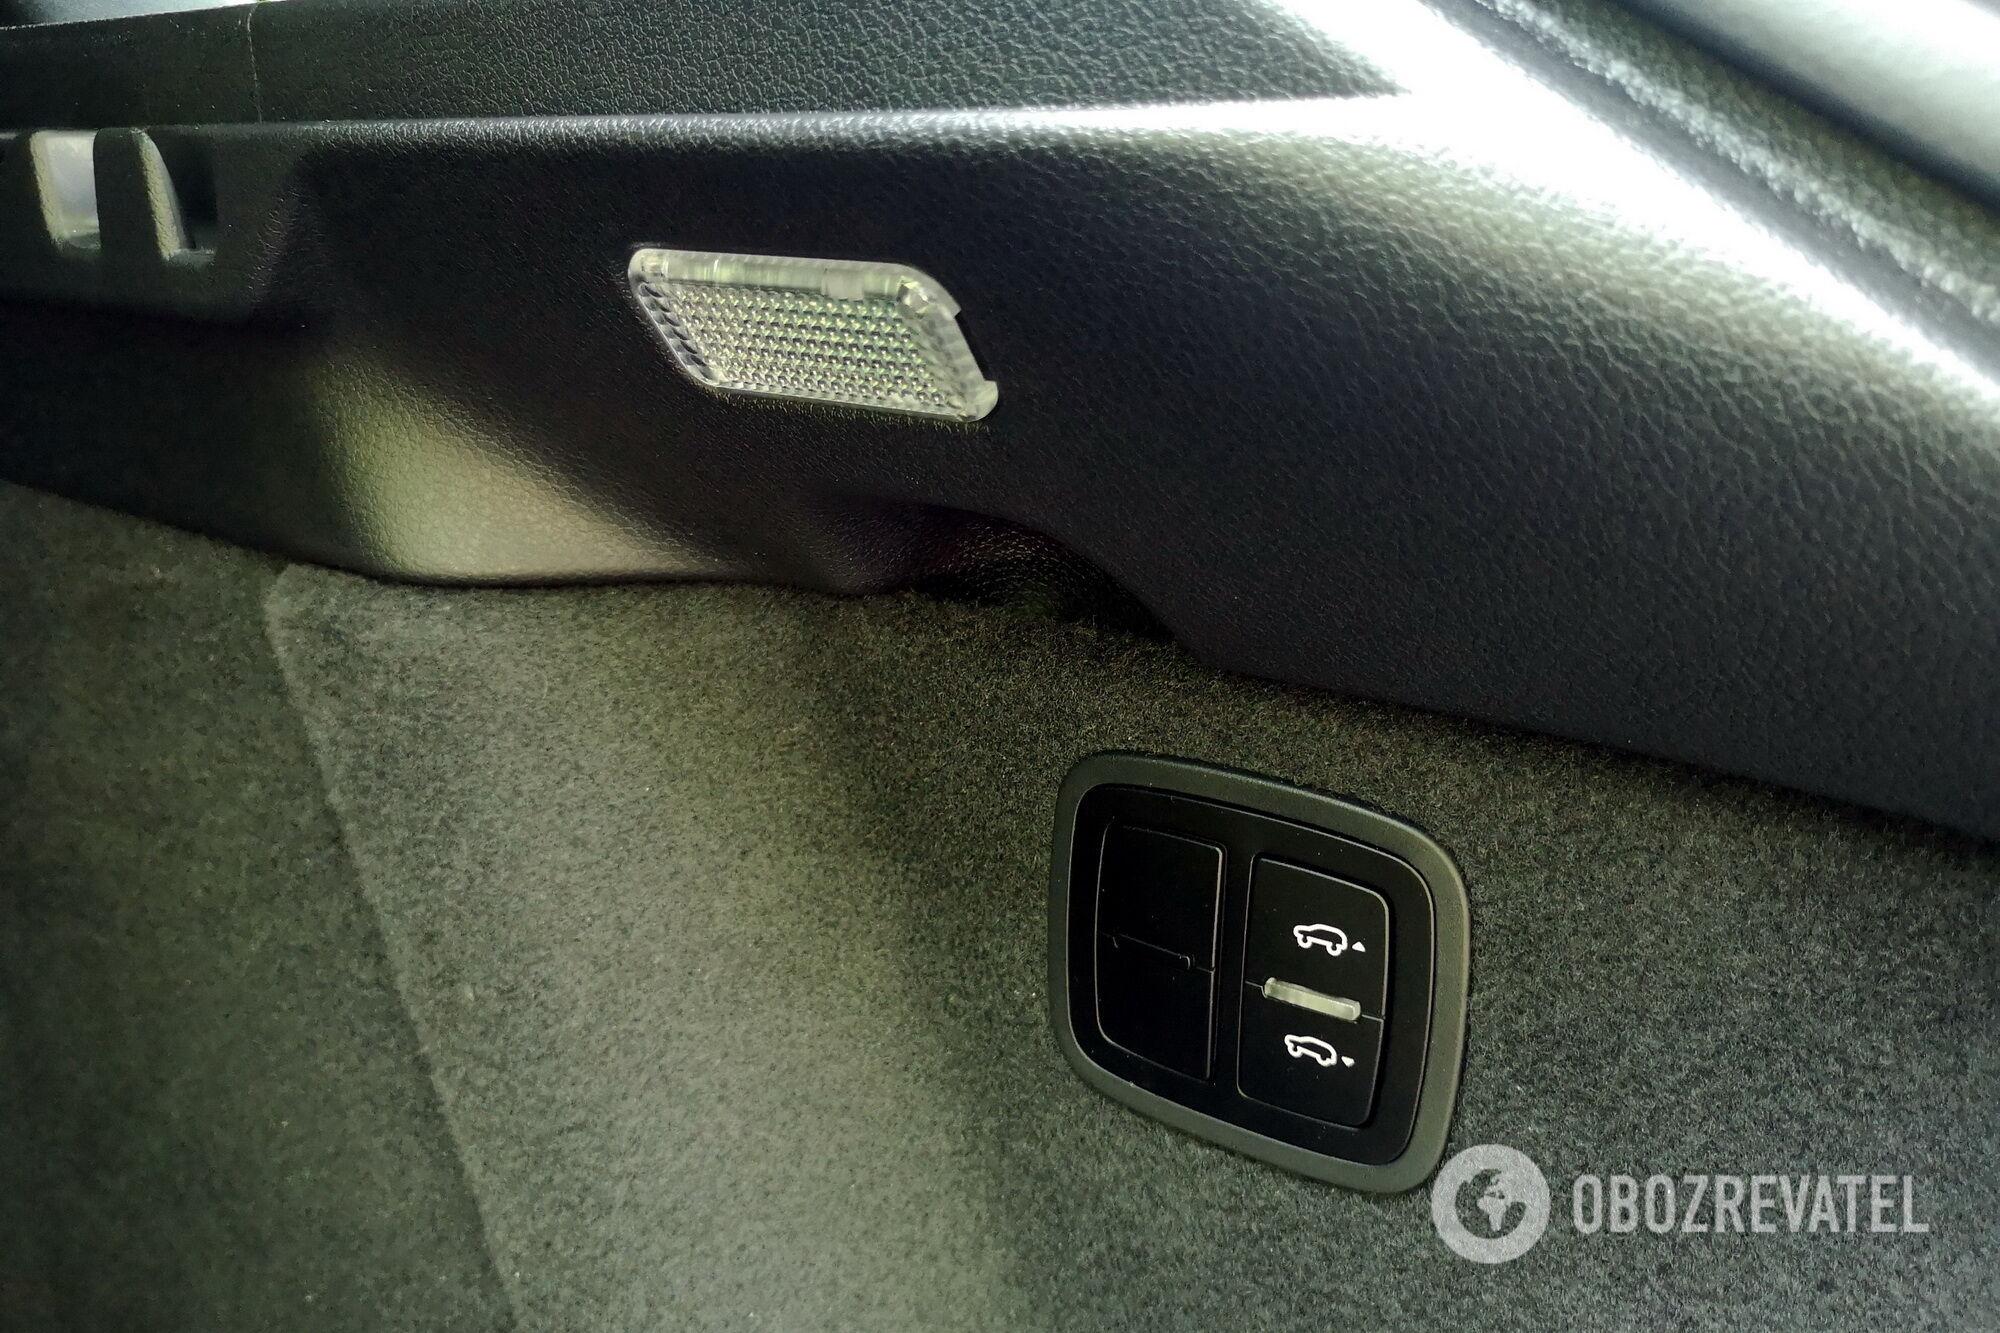 Для максимального удобства погрузки-выгрузки высоту кормы можно регулировать кнопками в багажнике. Фото: